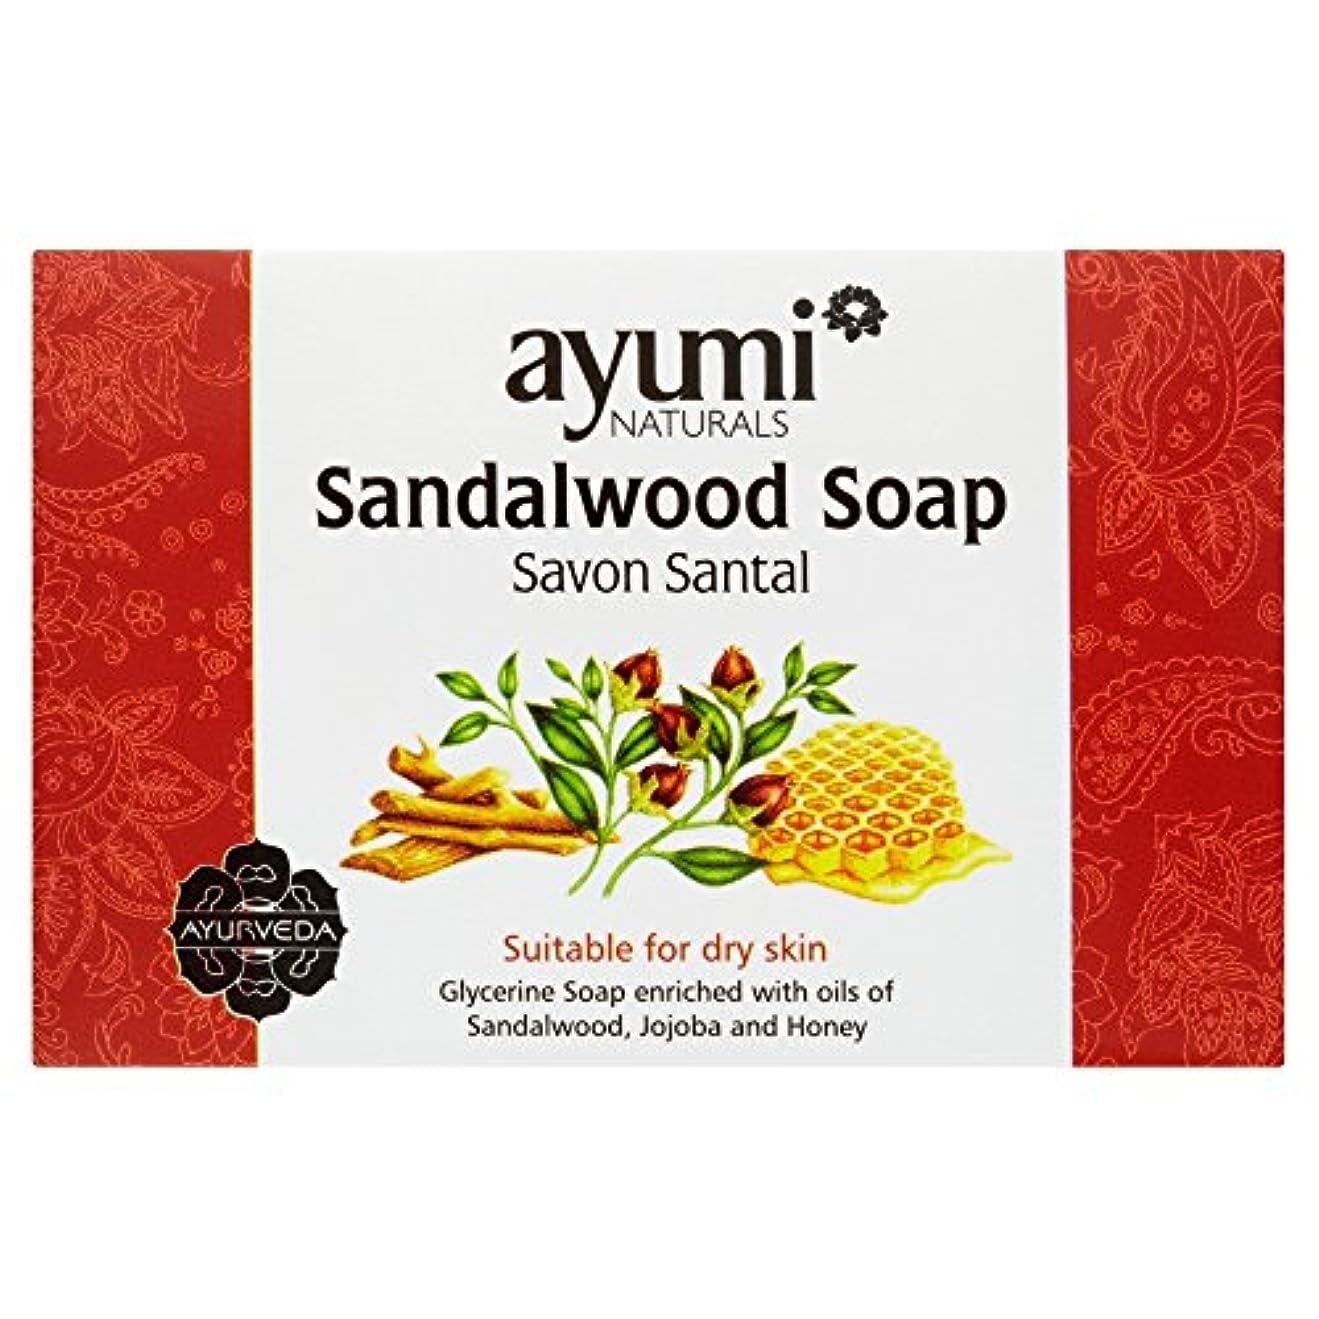 アルプス流暢焼くAyumi Sandalwood Soap 100g